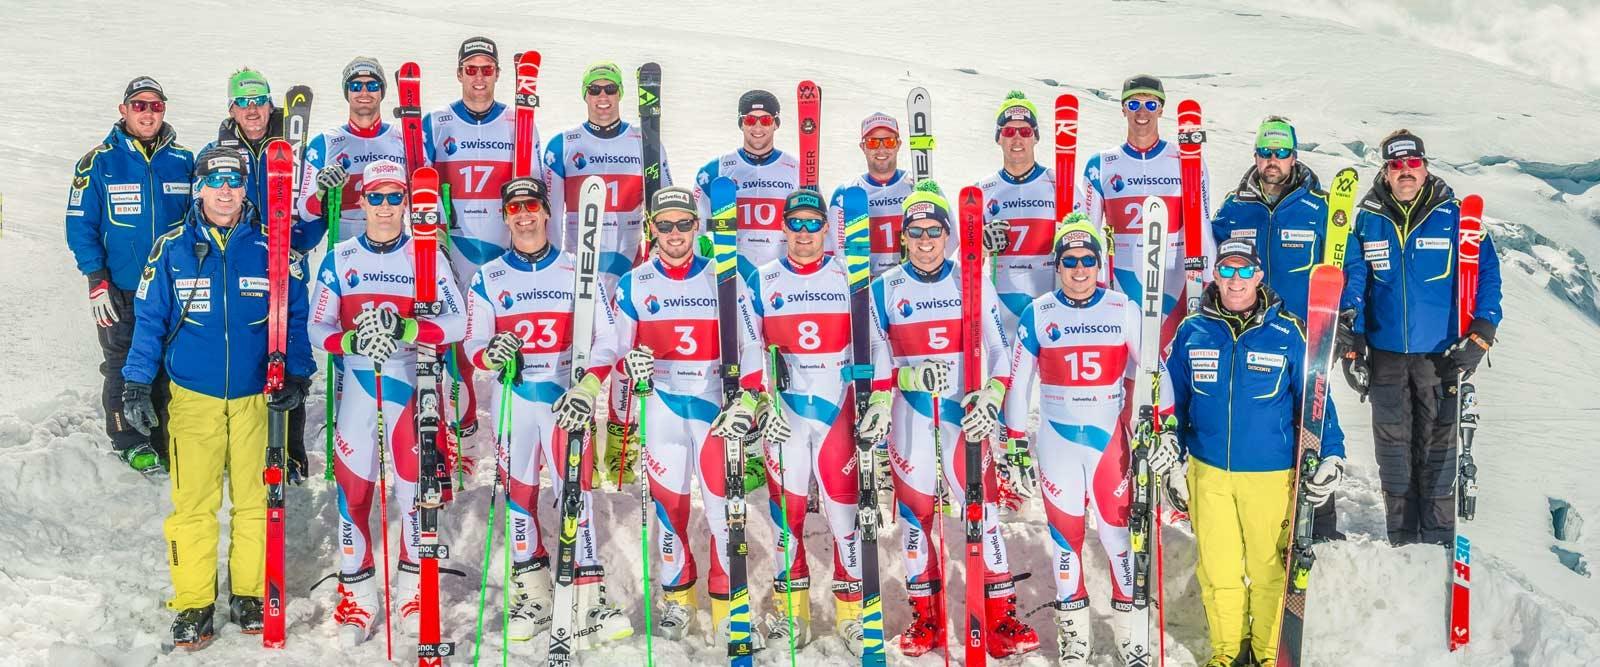 Alpinski Herrenteam